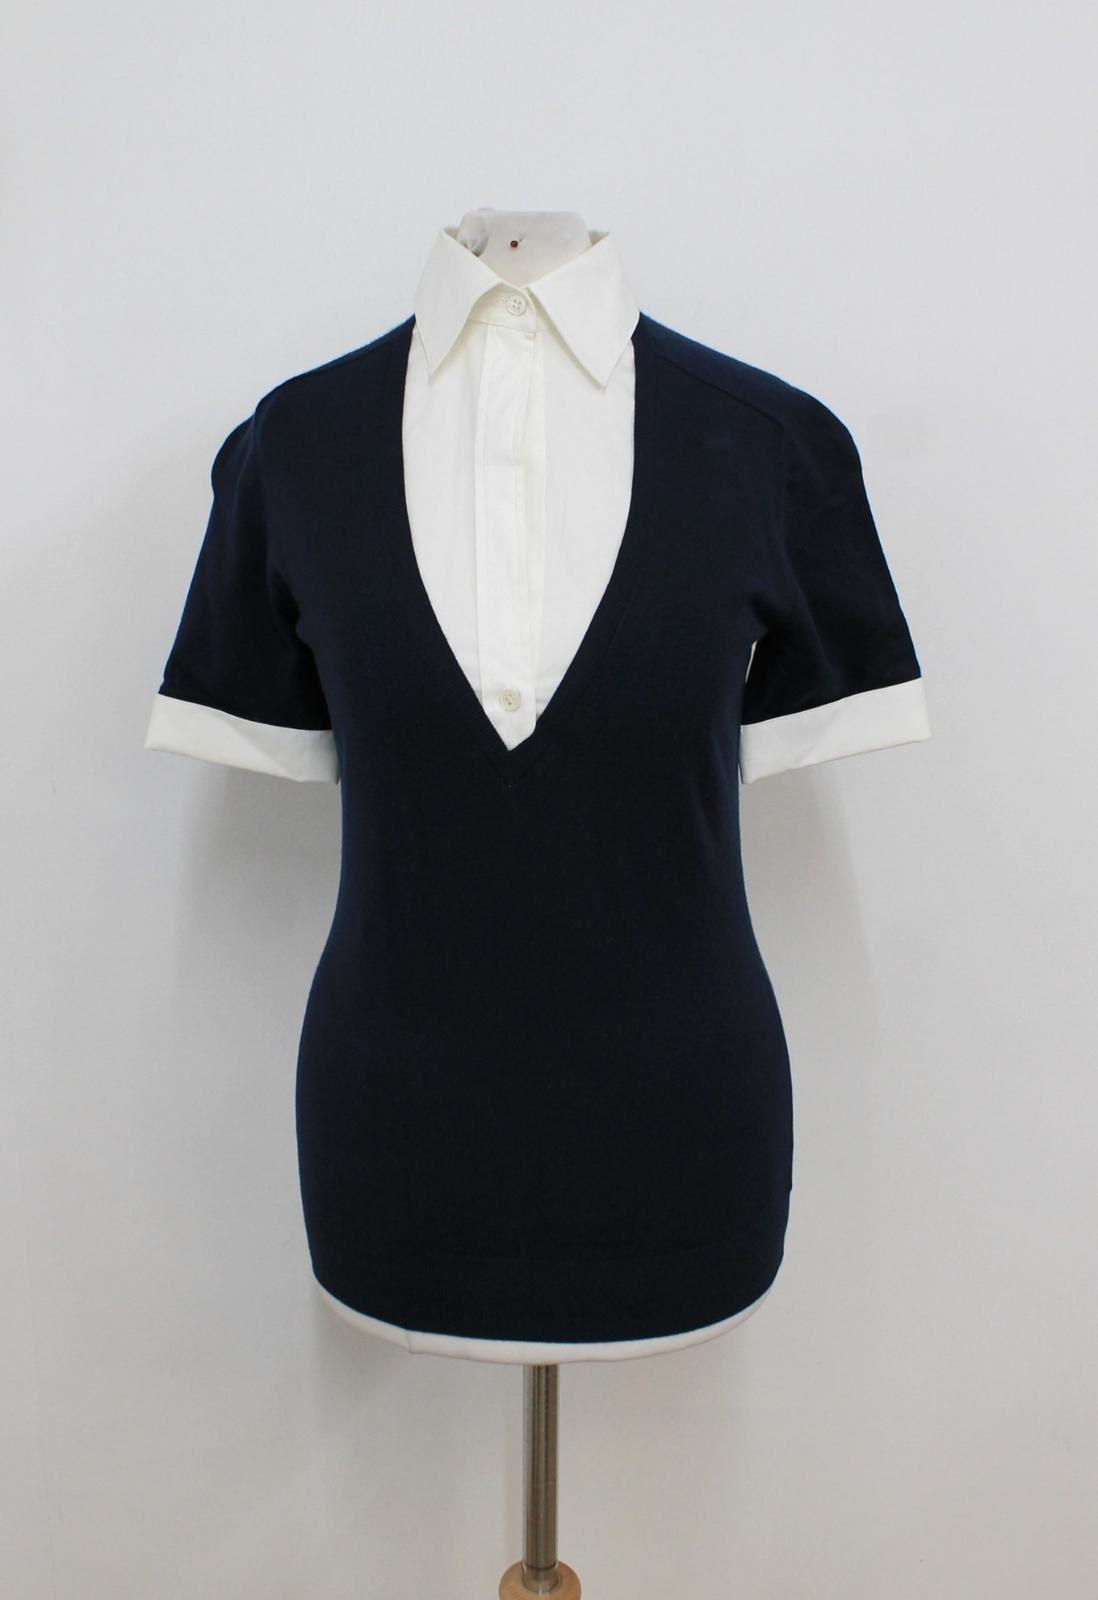 THEORY Ladies Navy Blau Weiß Short Sleeved Shirt Contrast Top Größe P UK4